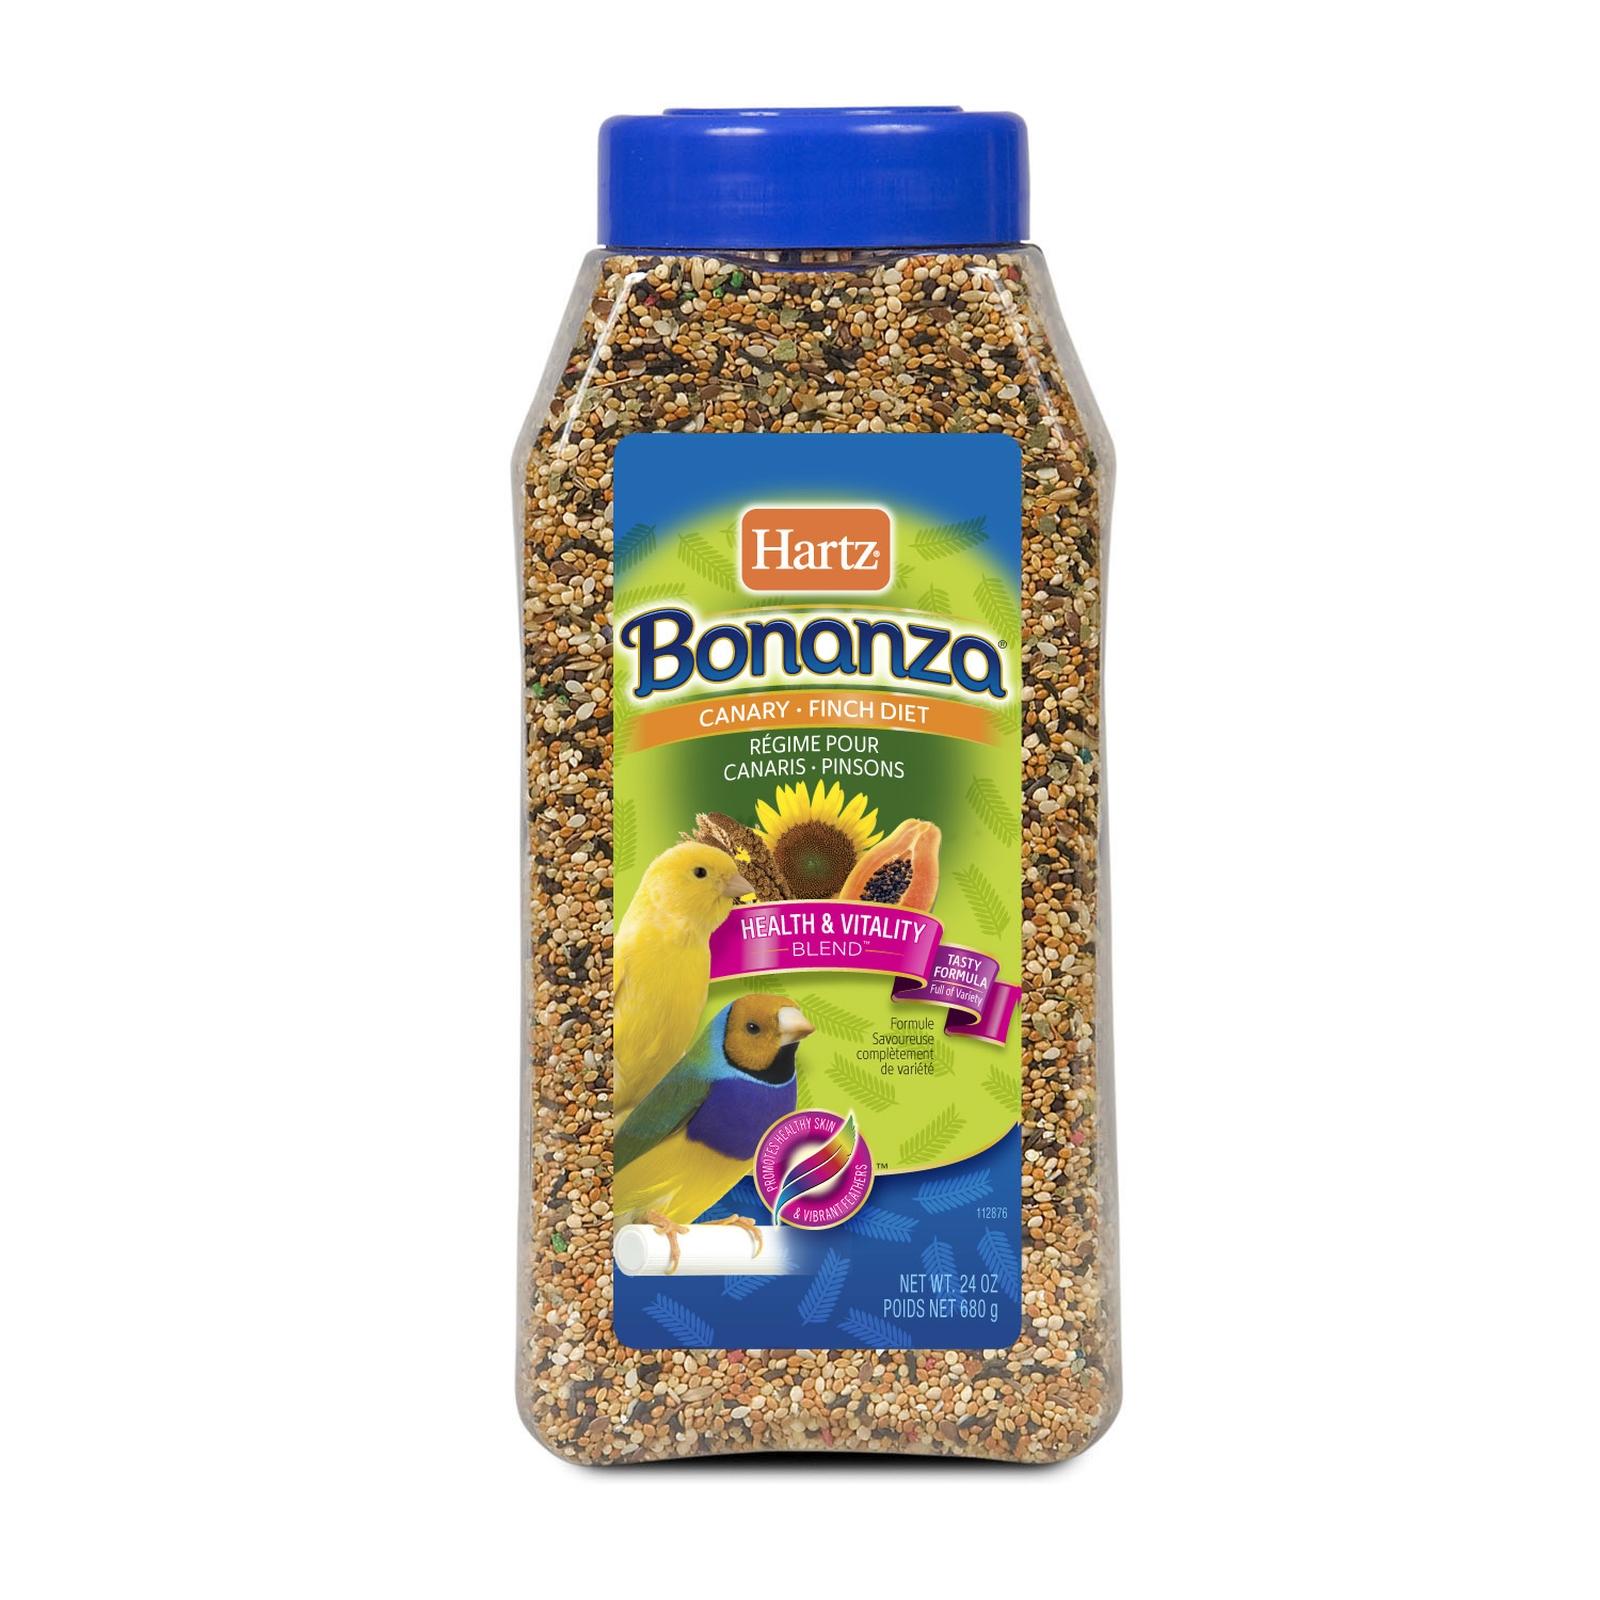 Hartz Nutrition Bonanza Finch Gourmet Diet 24 oz 680 g